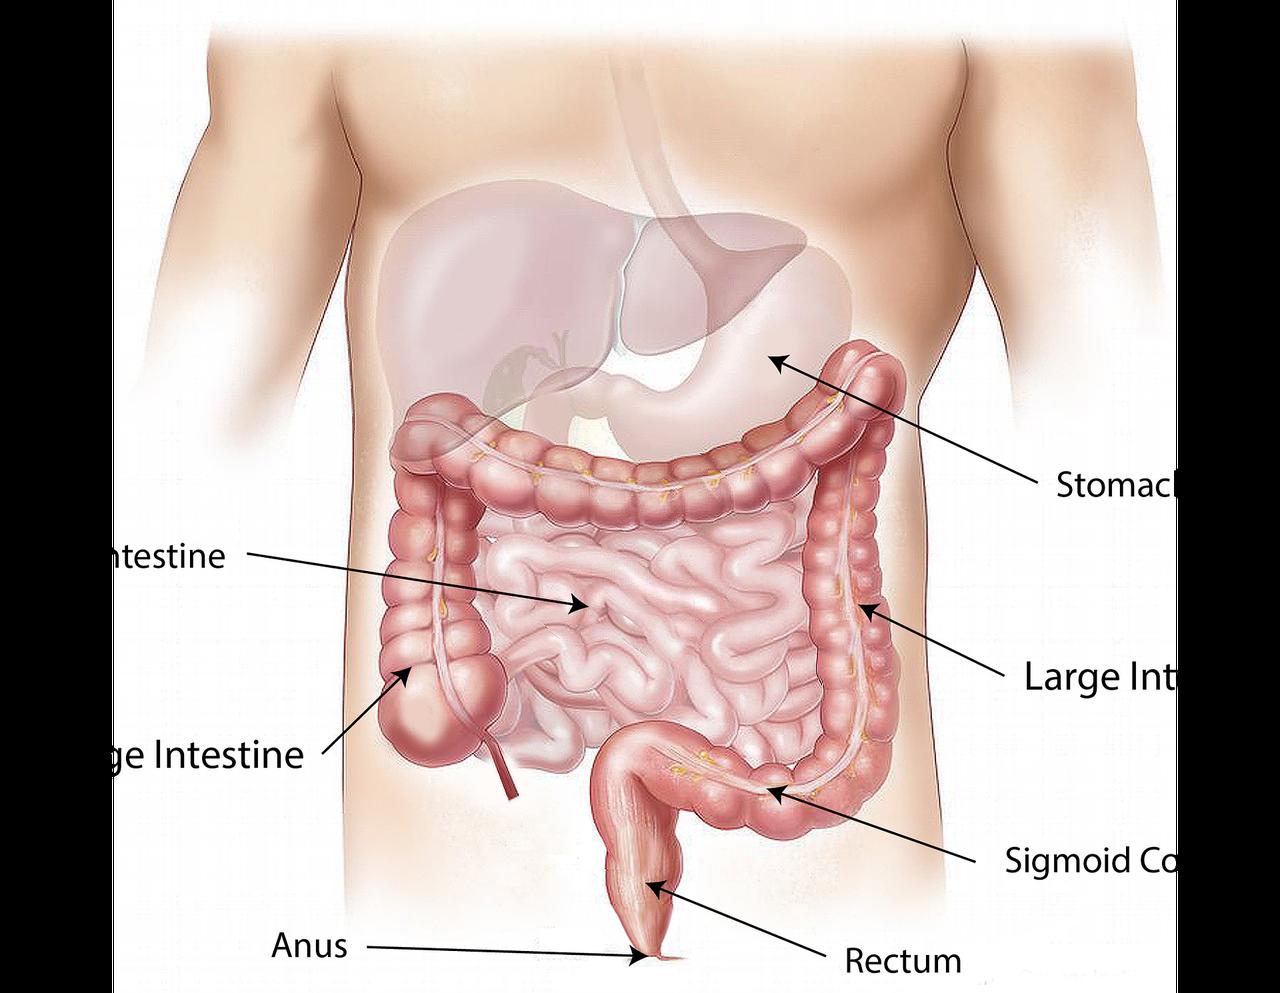 結腸直腸腺腫の切除による腸内細菌叢変化